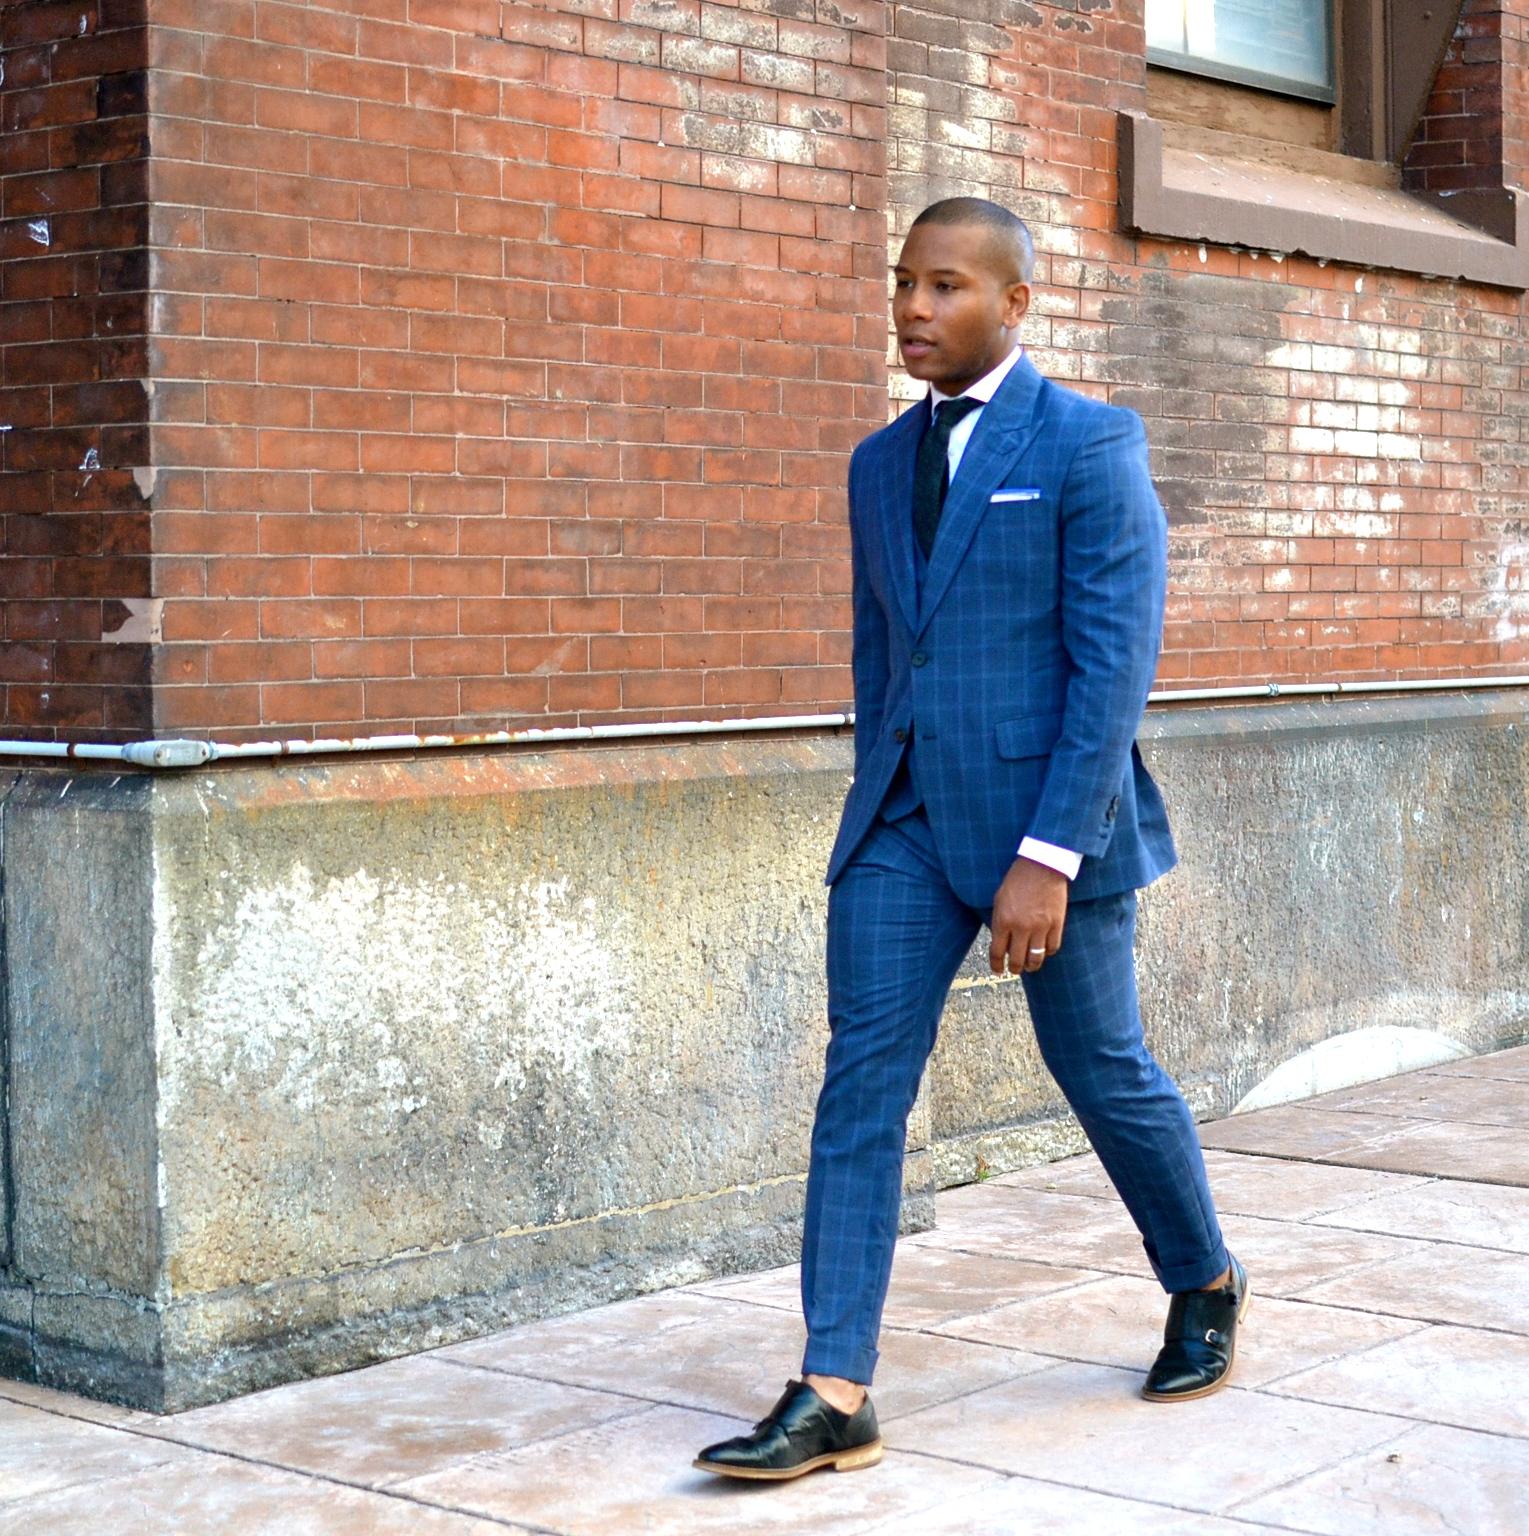 Studio Suit Custom Suit Blue Check Napolean Collection